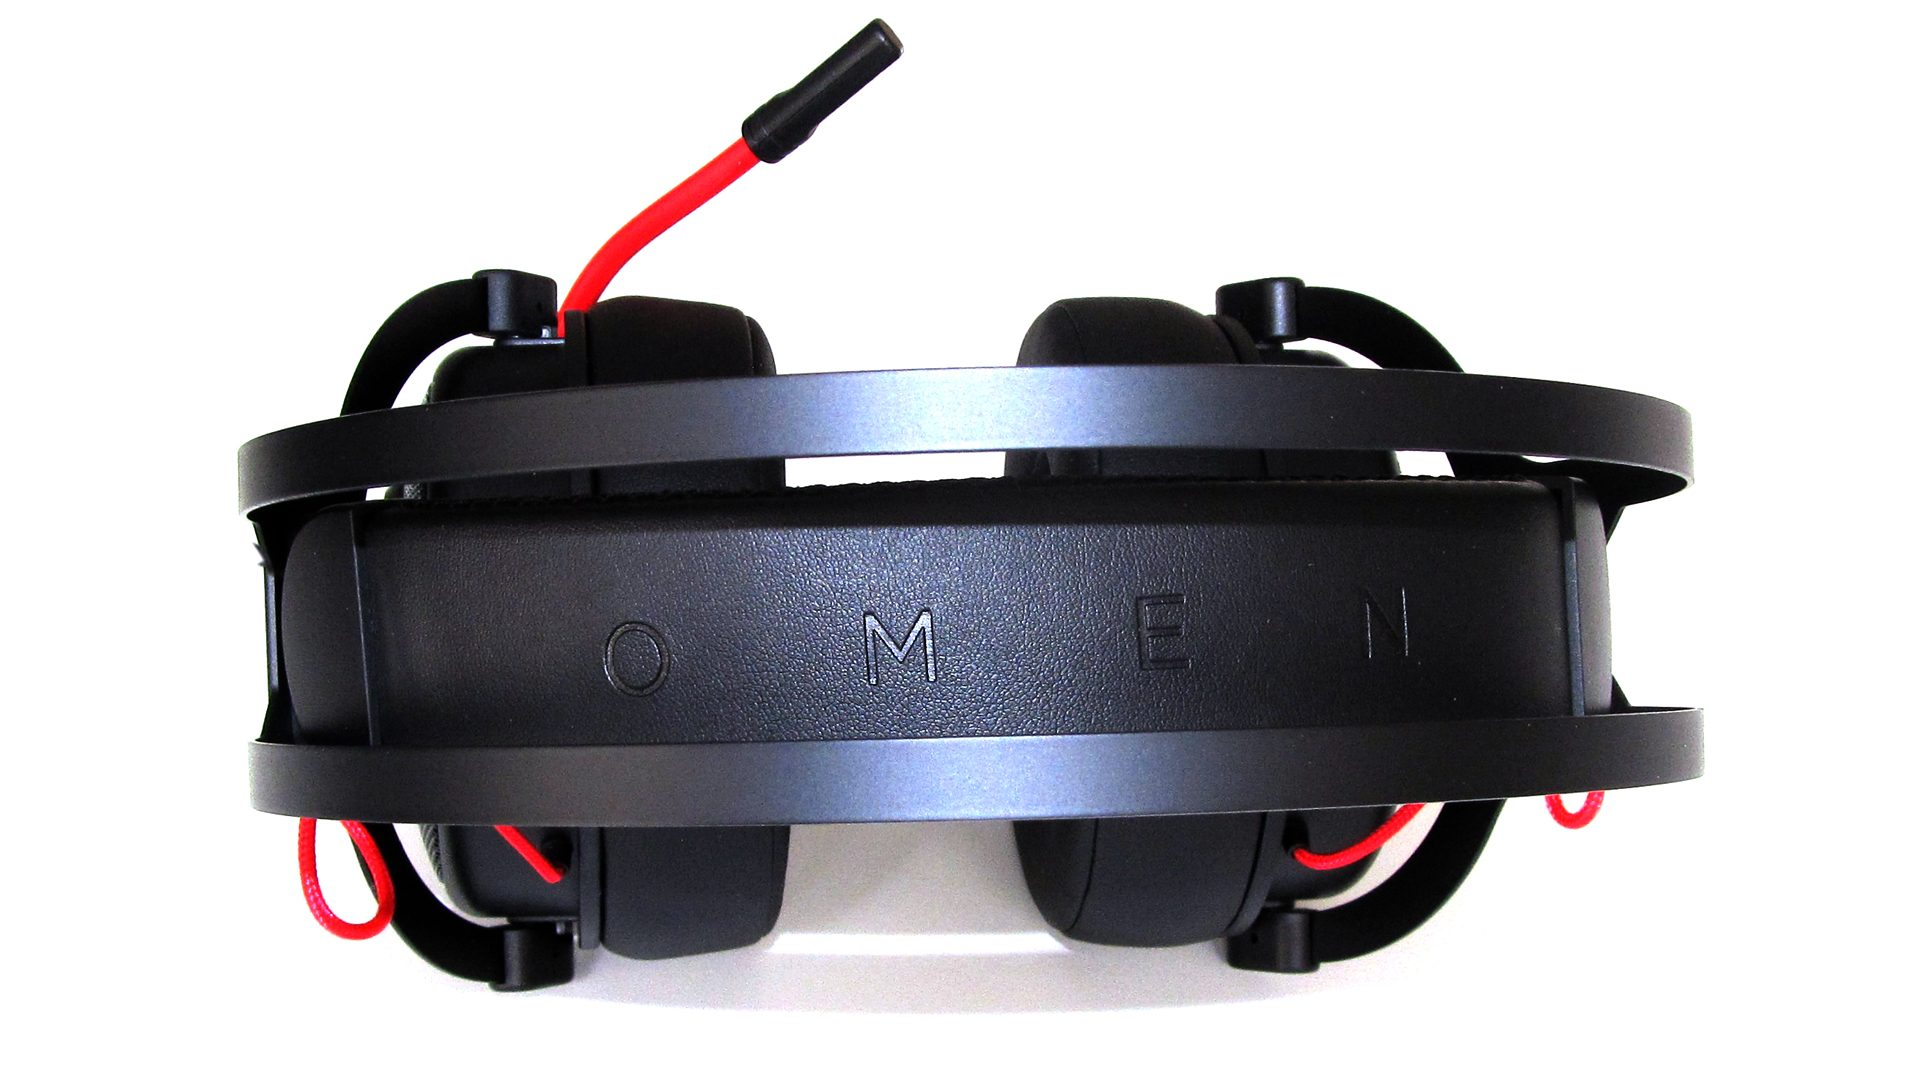 OMEN-Zubehoer-neu-Headset_10